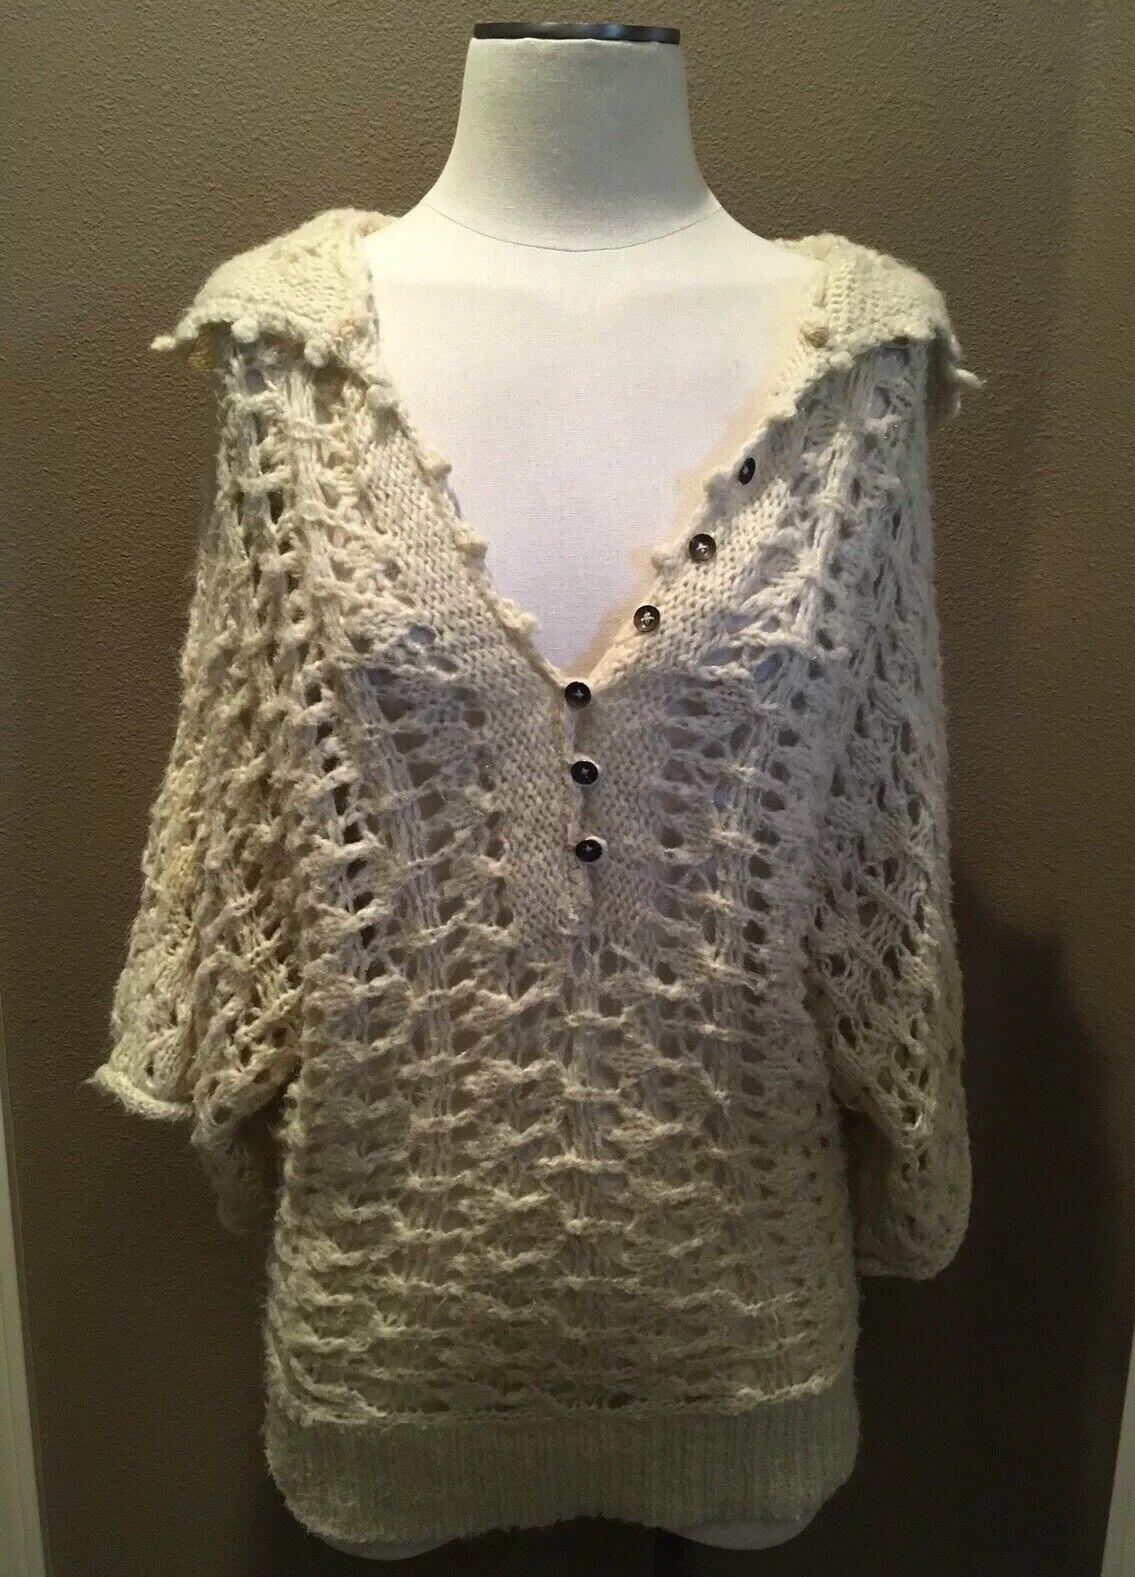 Free People S Sweater Top Cream Knit Hoodie 3 4 Dolman Sleeves